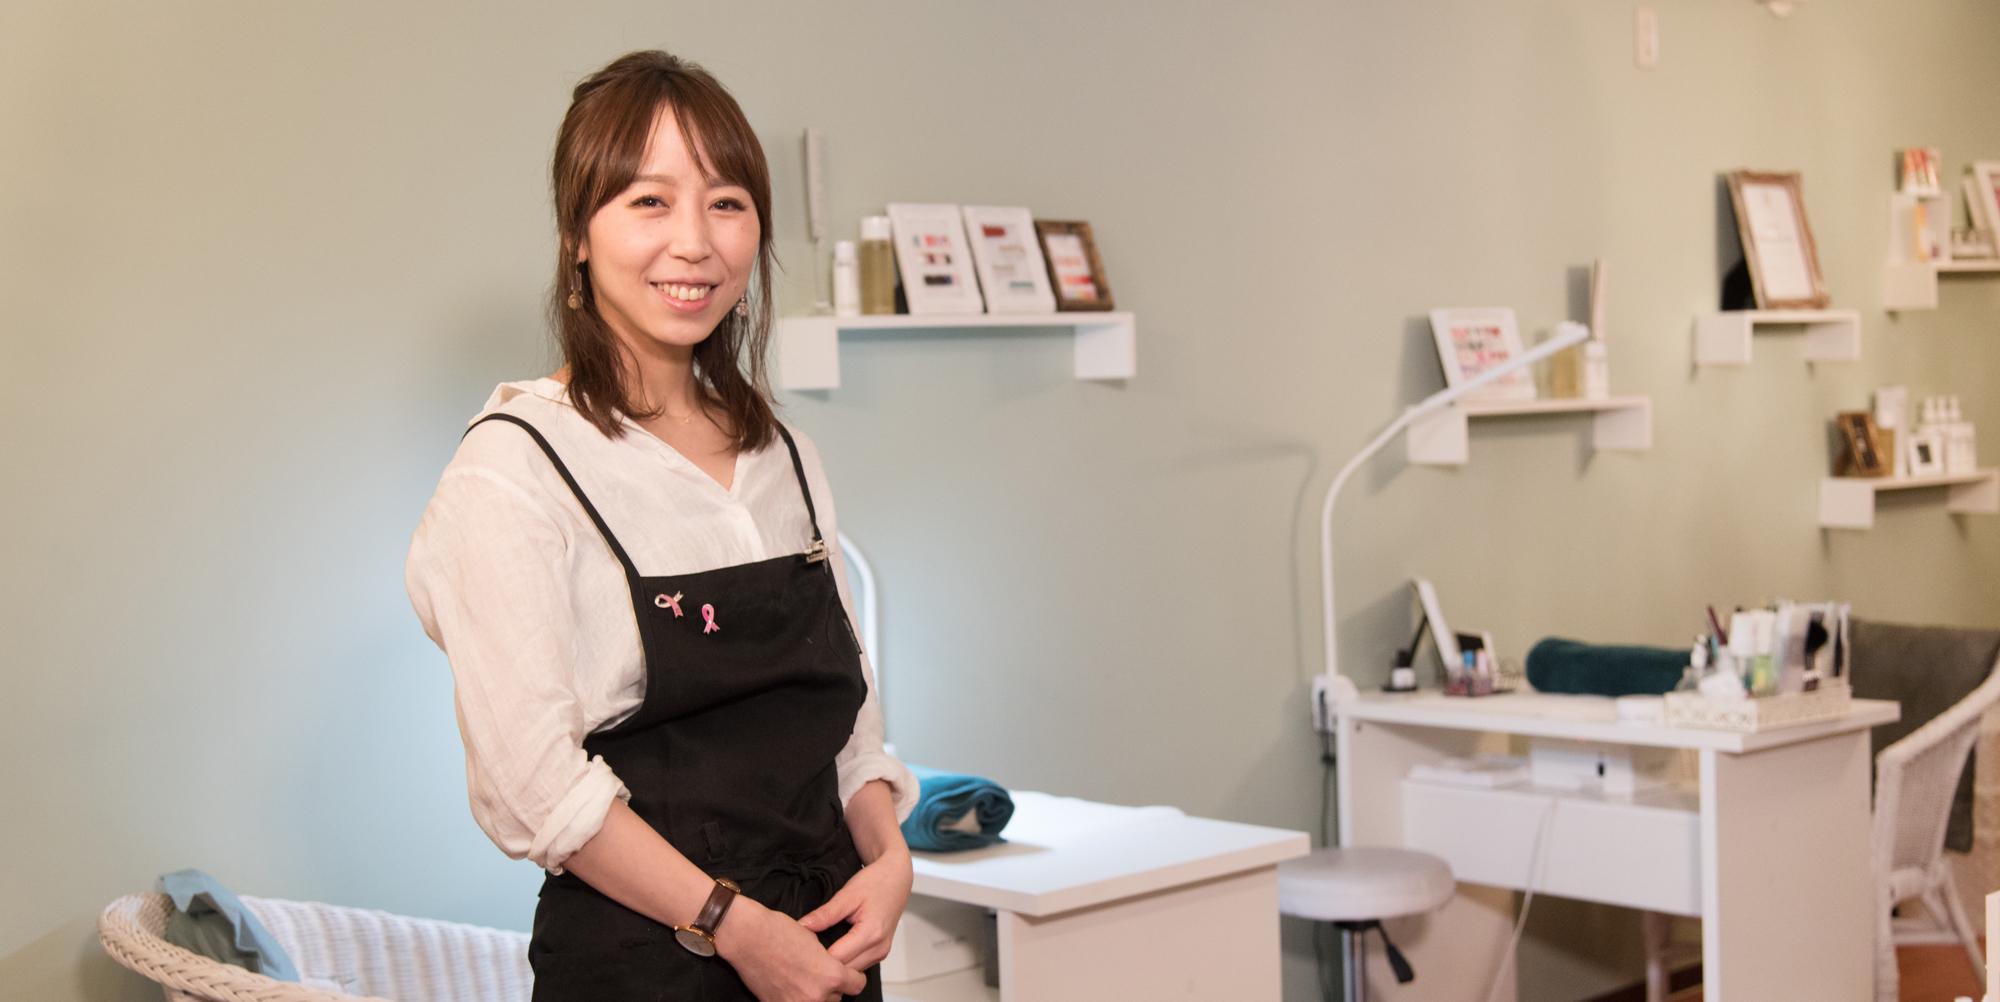 熊谷諭嘉子さん/子育てしながらネイリストの道へ挑戦。売上比率トップに輝くパートママの次なる夢とは?